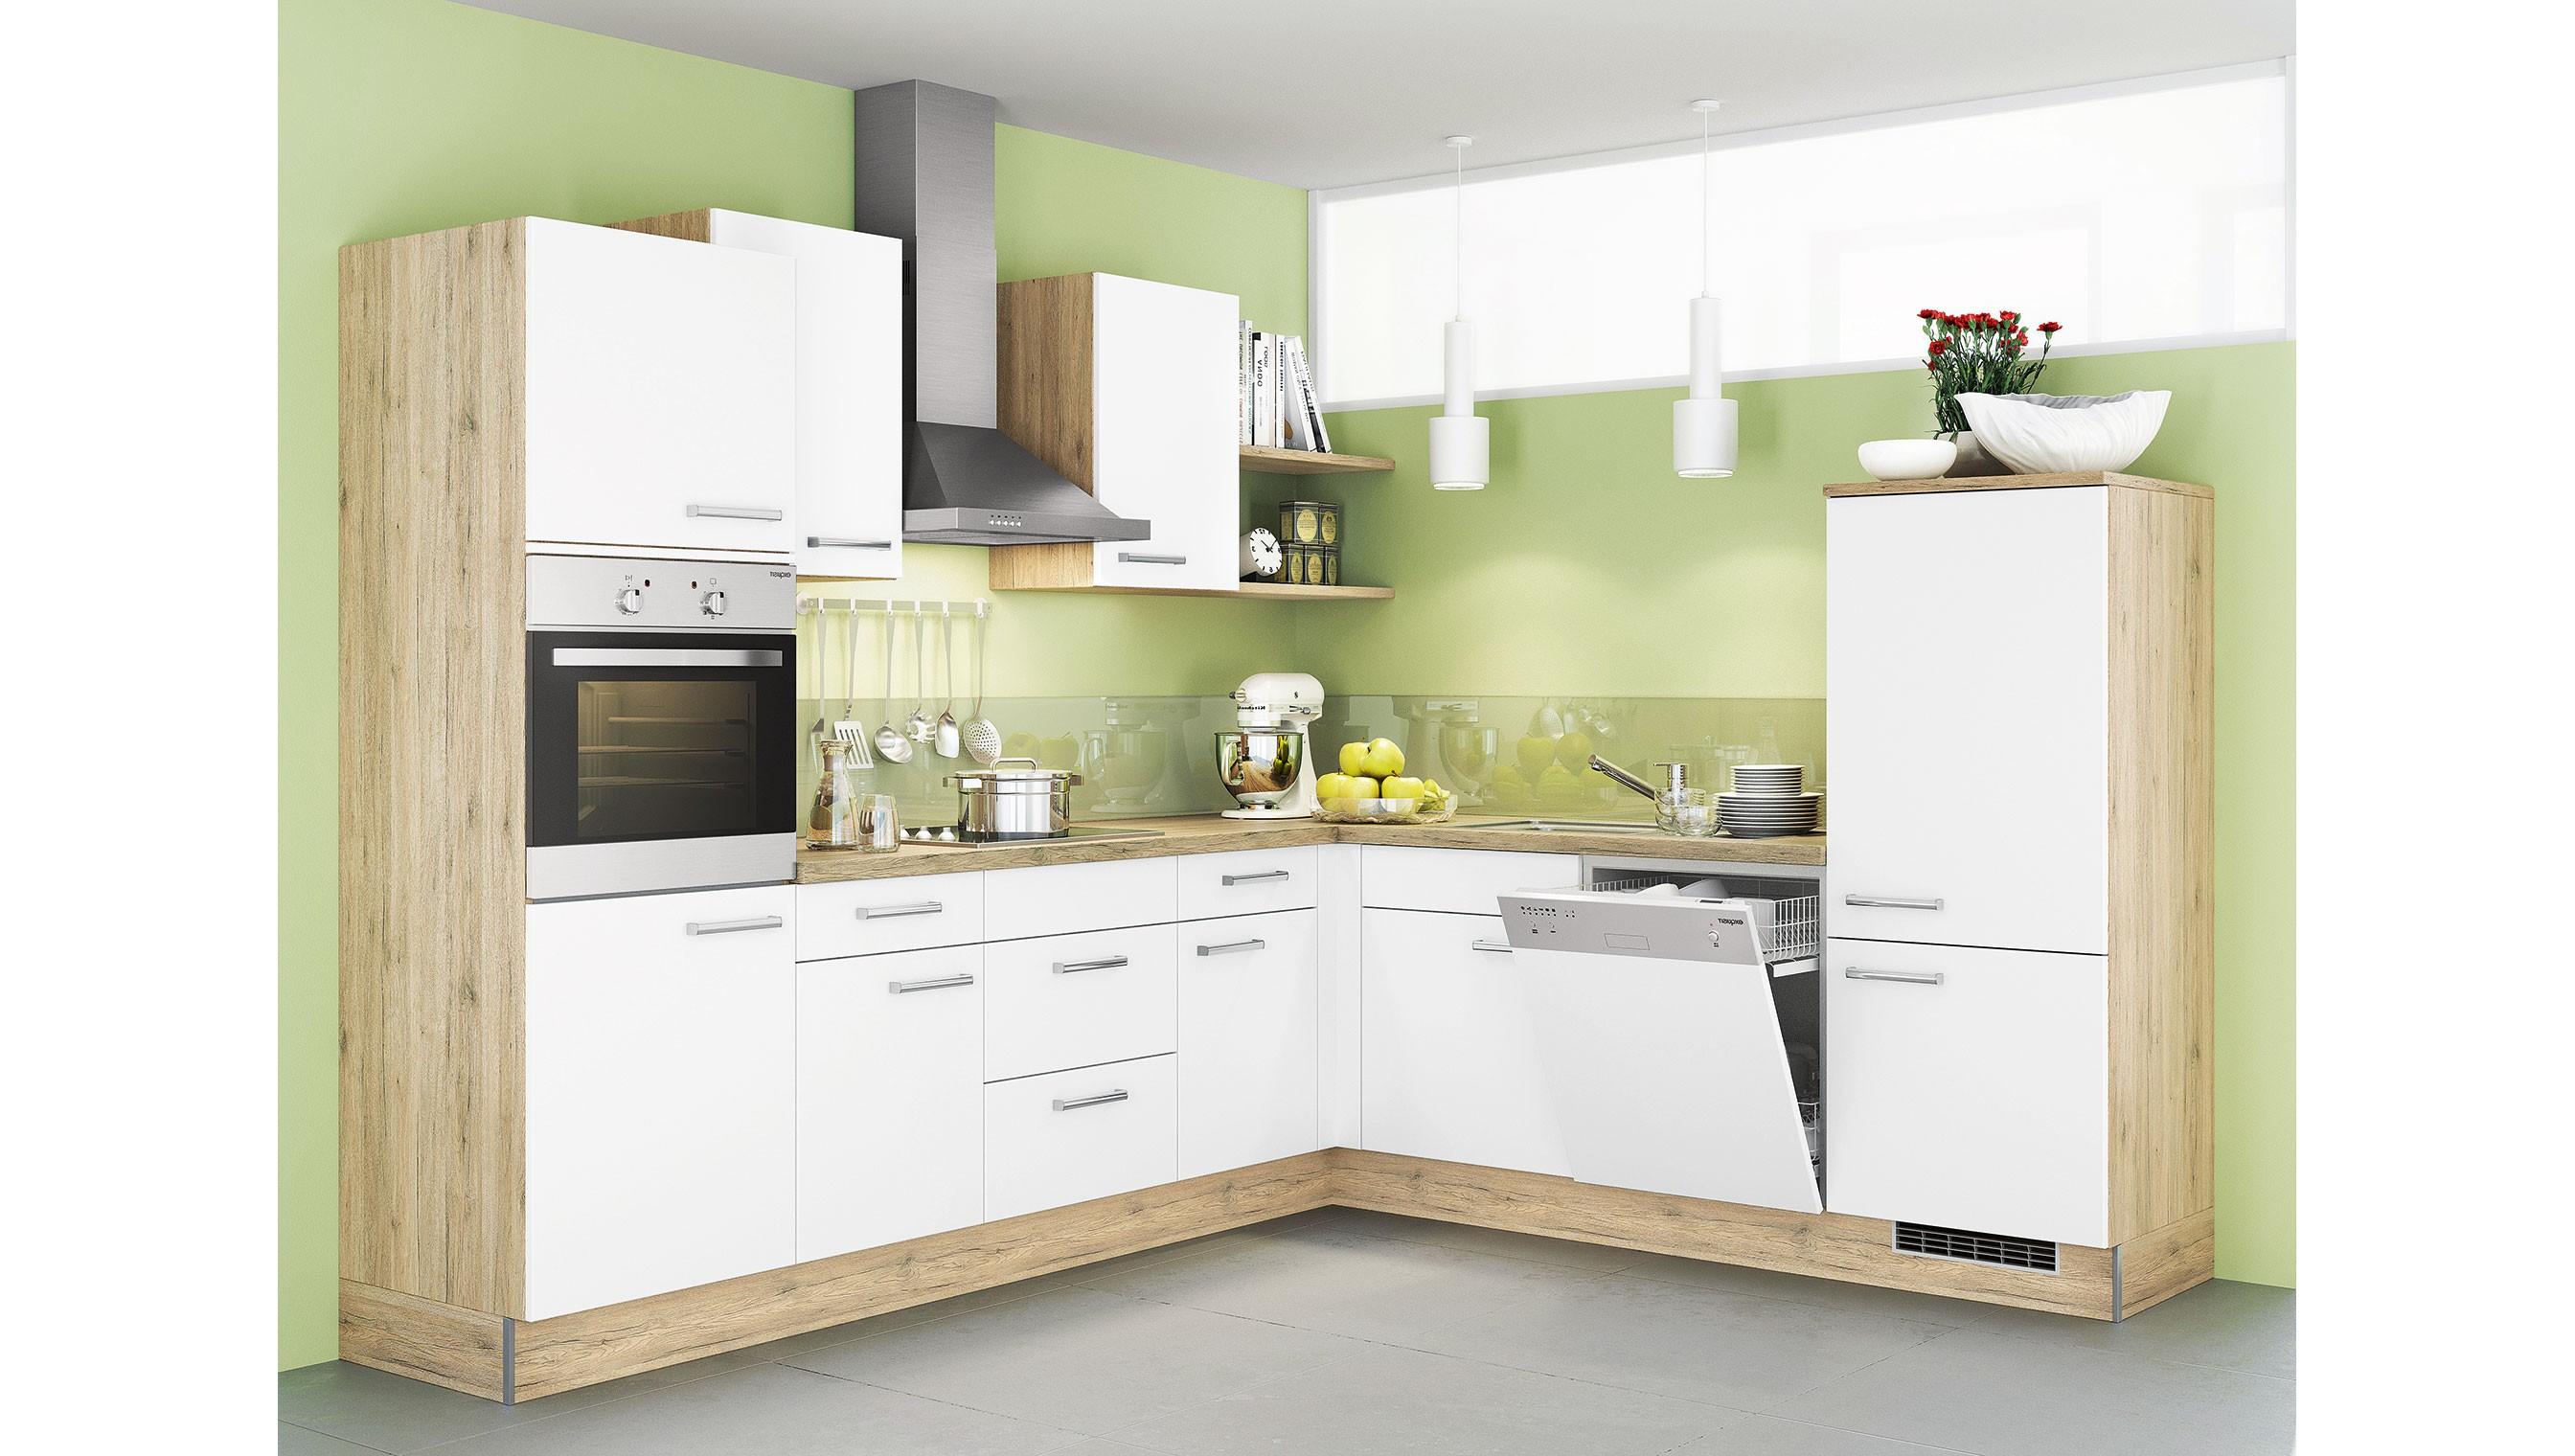 spilger k chen abverkauf tische f r die k che. Black Bedroom Furniture Sets. Home Design Ideas